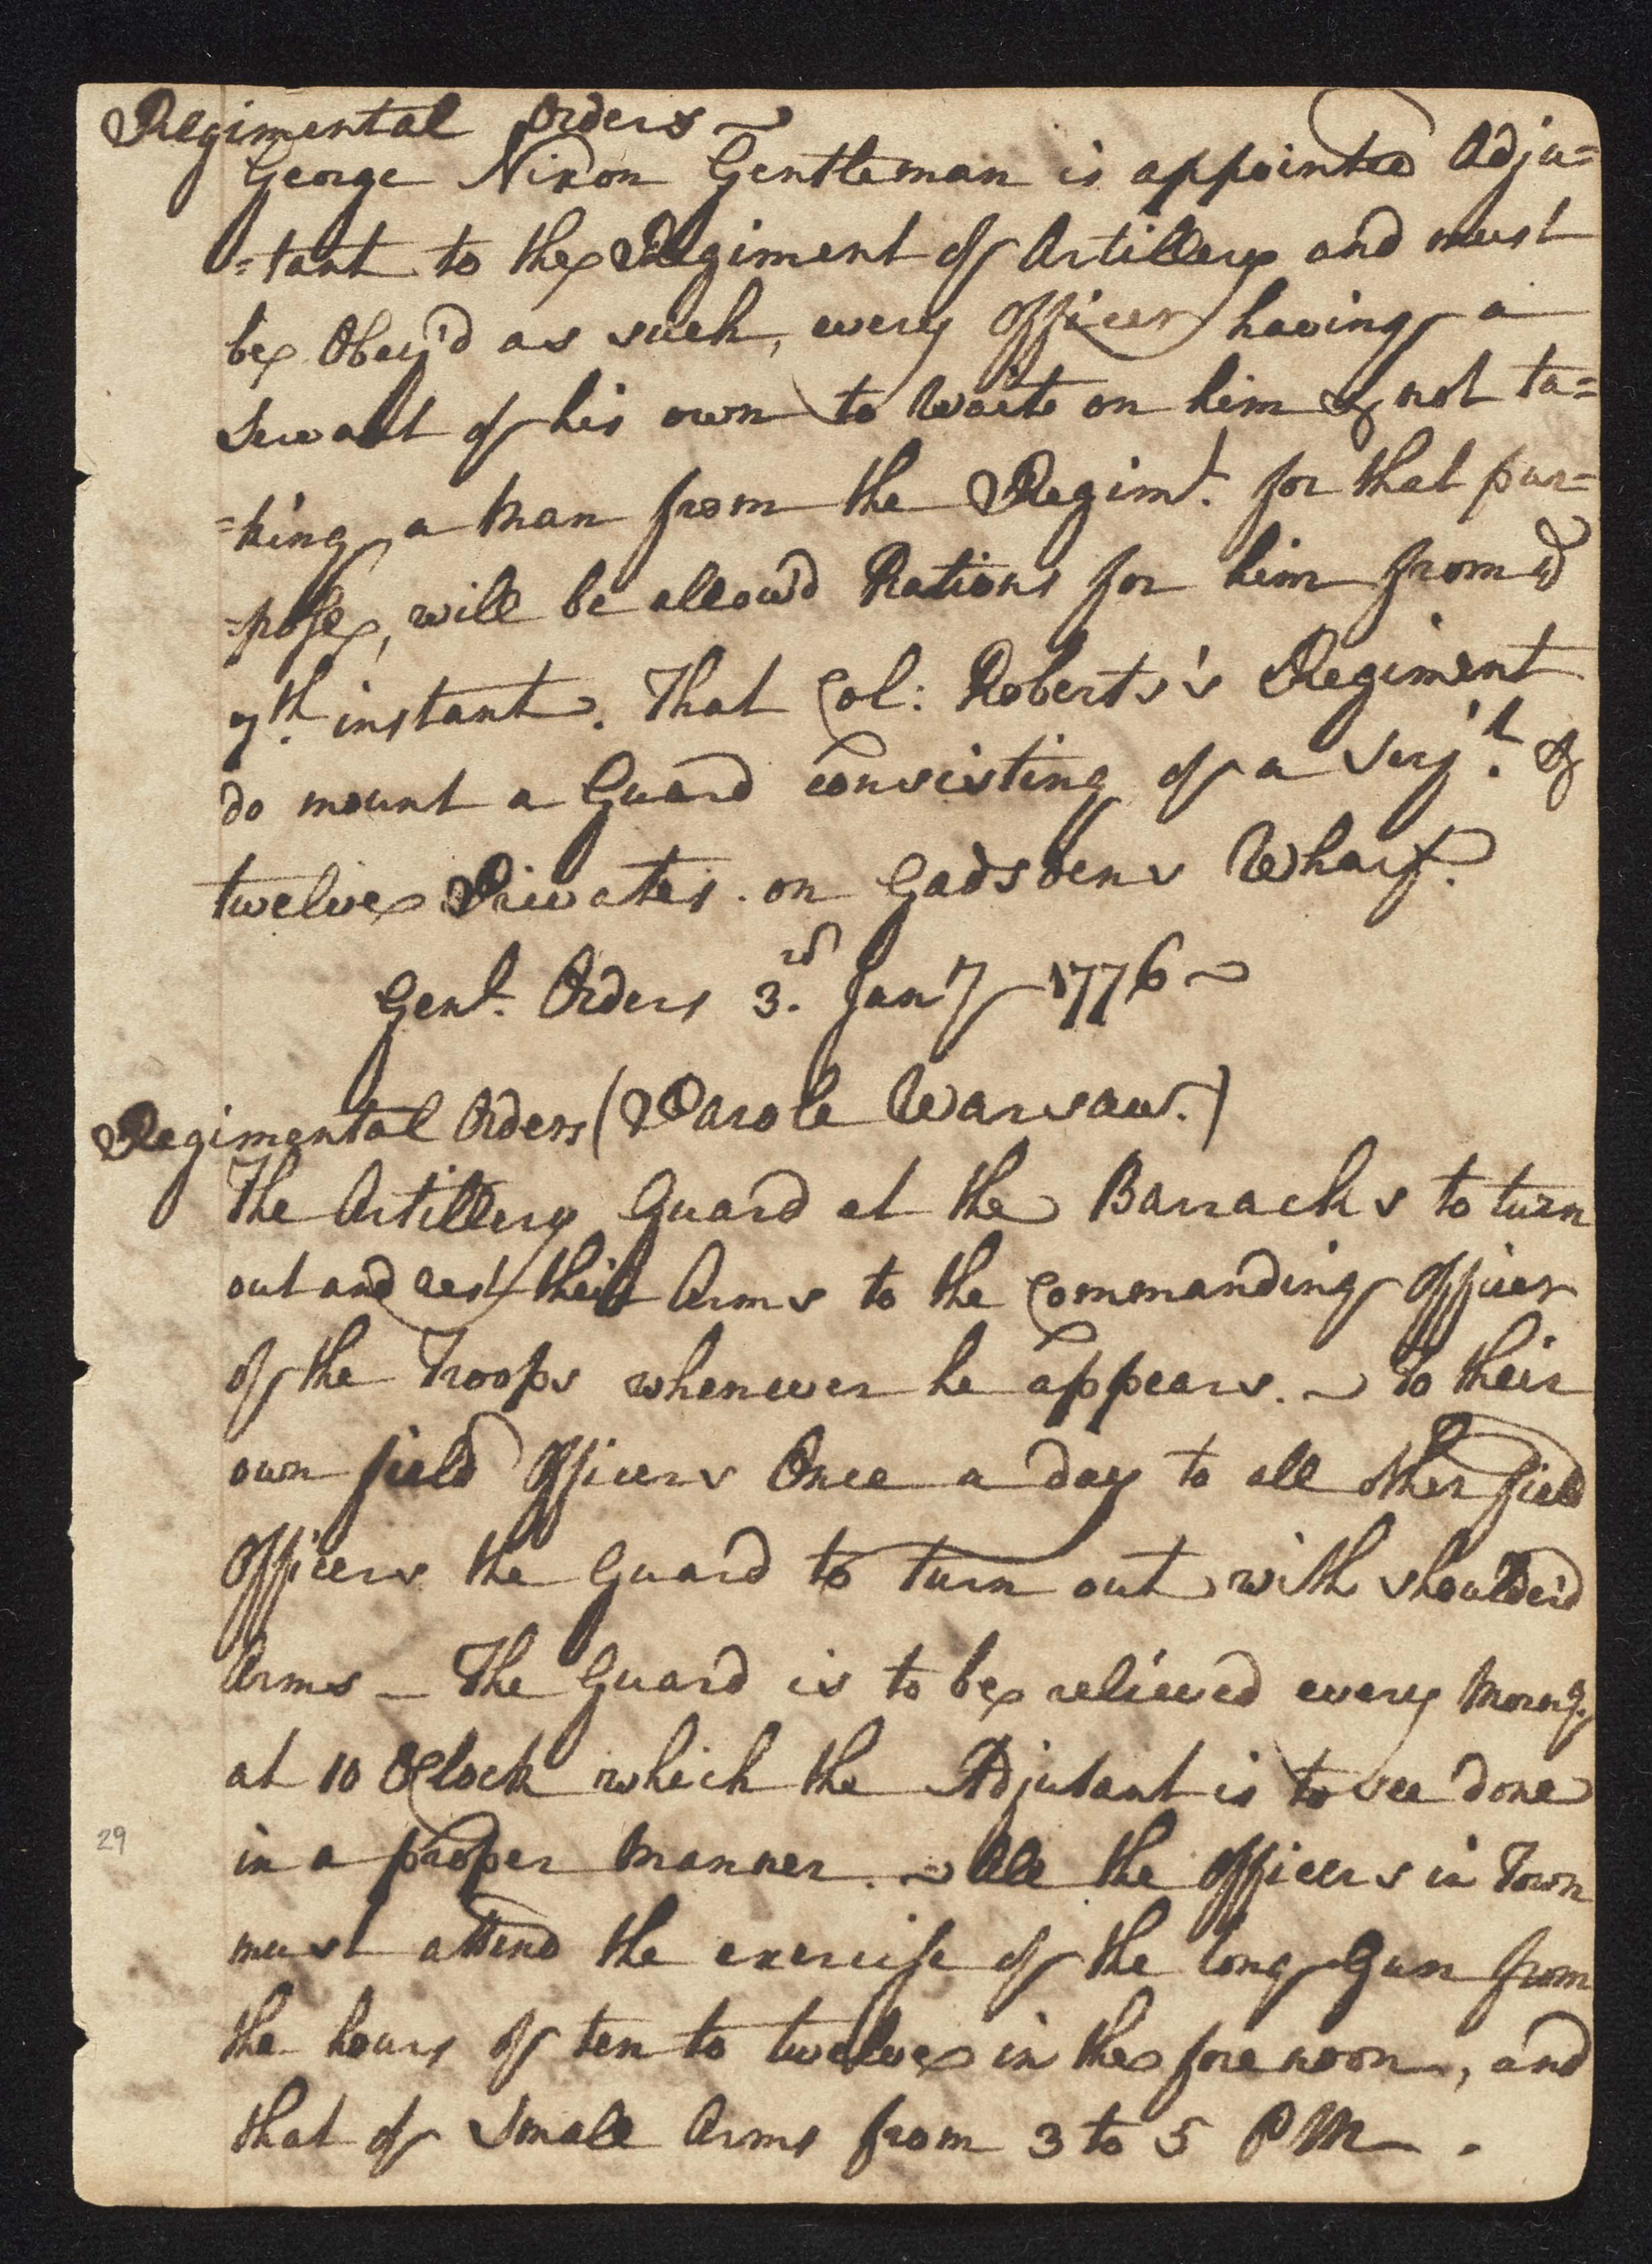 South Carolina Regiment Order Book, Page 57